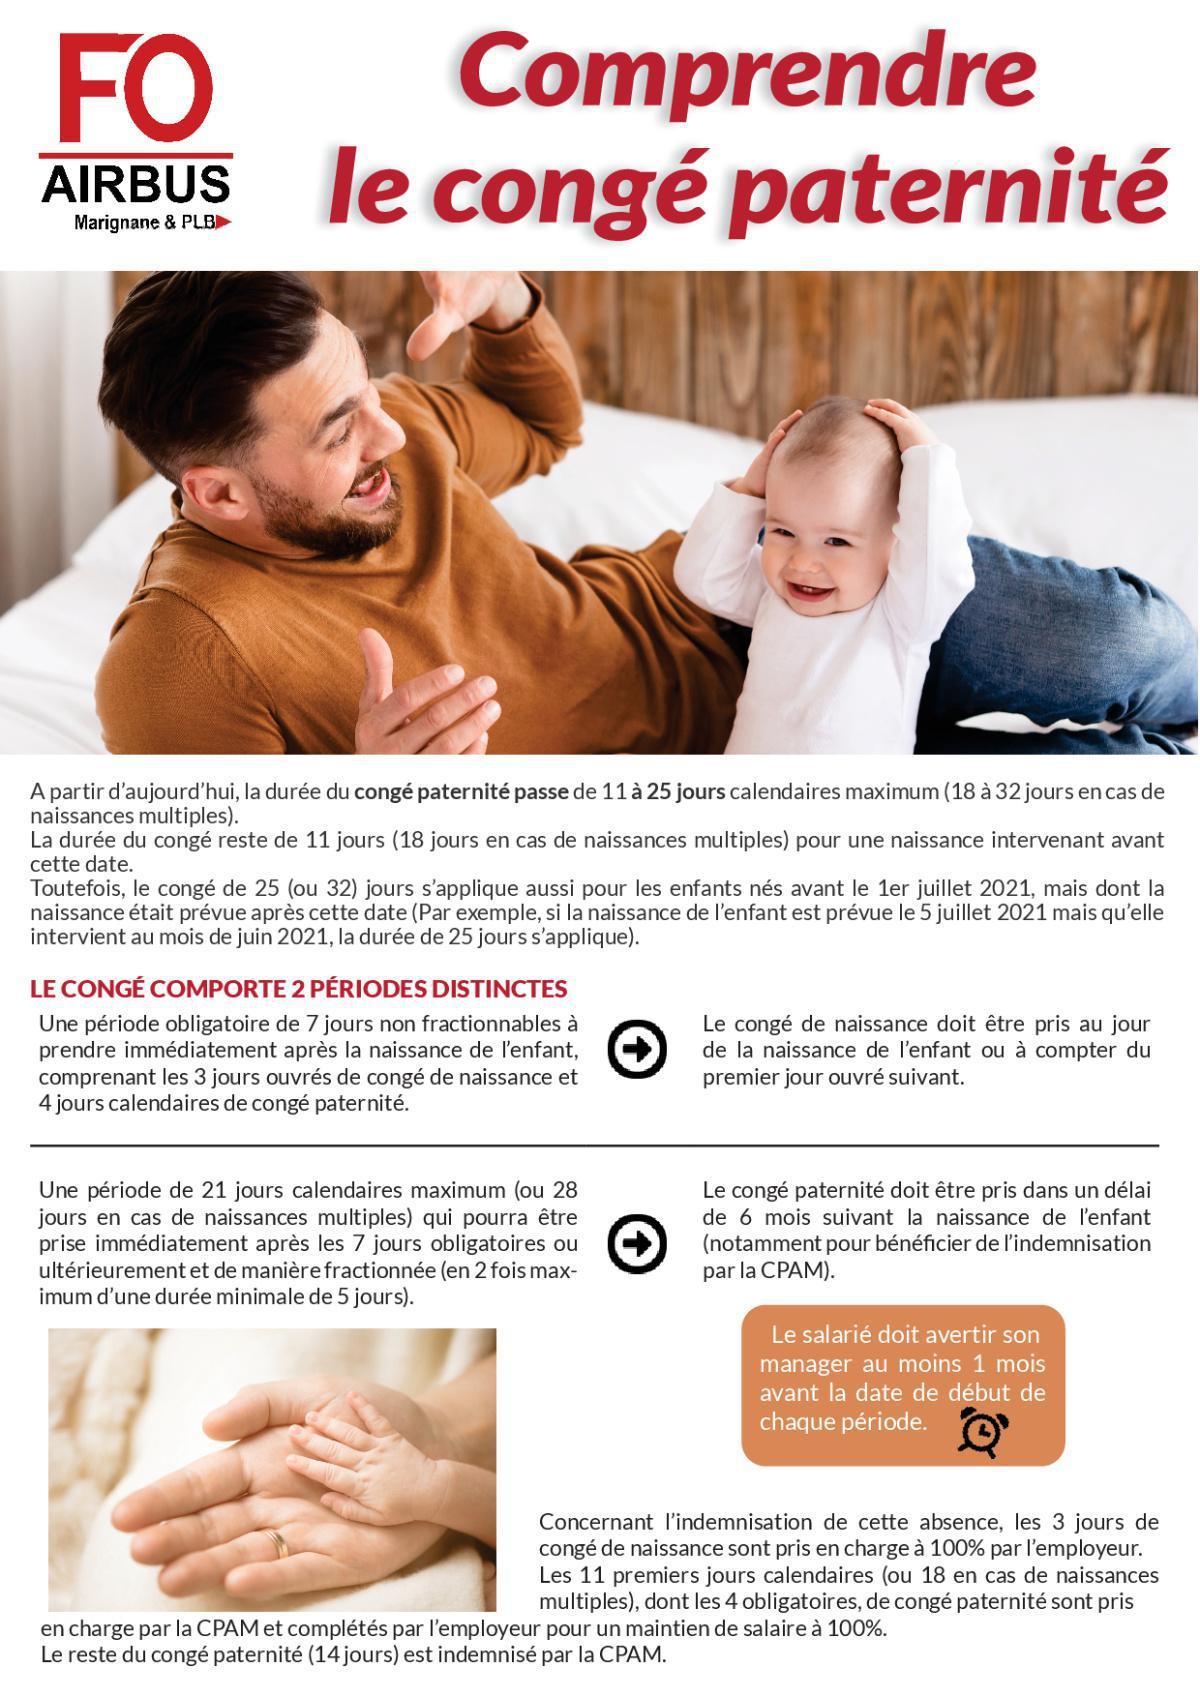 Comprendre le congé paternité